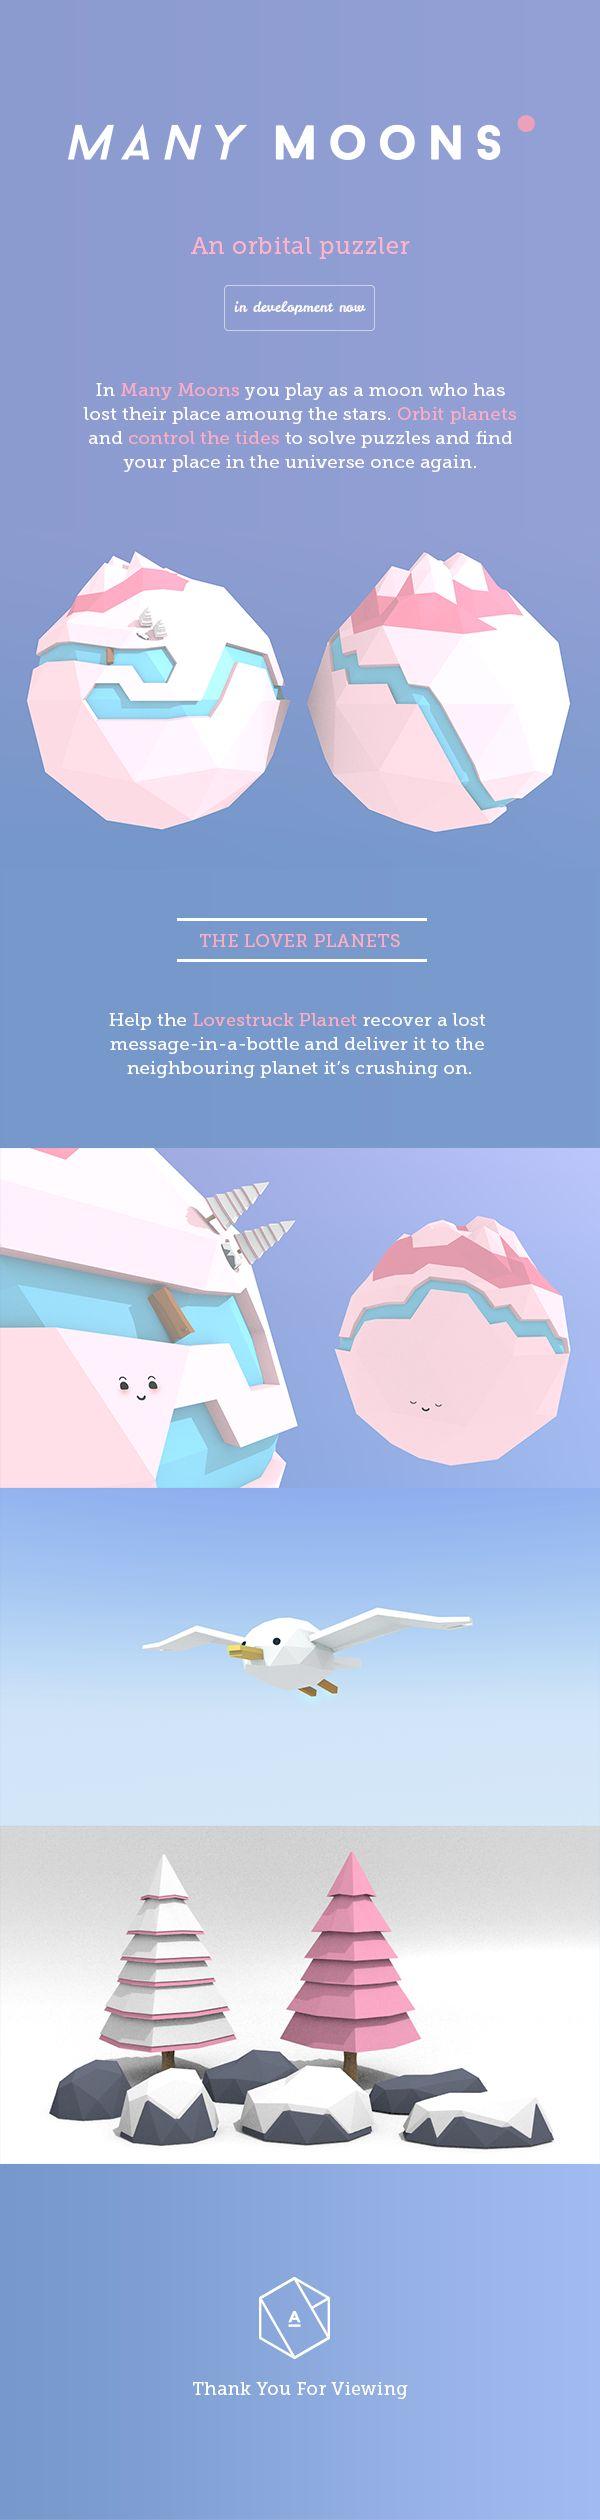 https://www.behance.net/gallery/23857491/Many-Moons-A-Snowy-Update